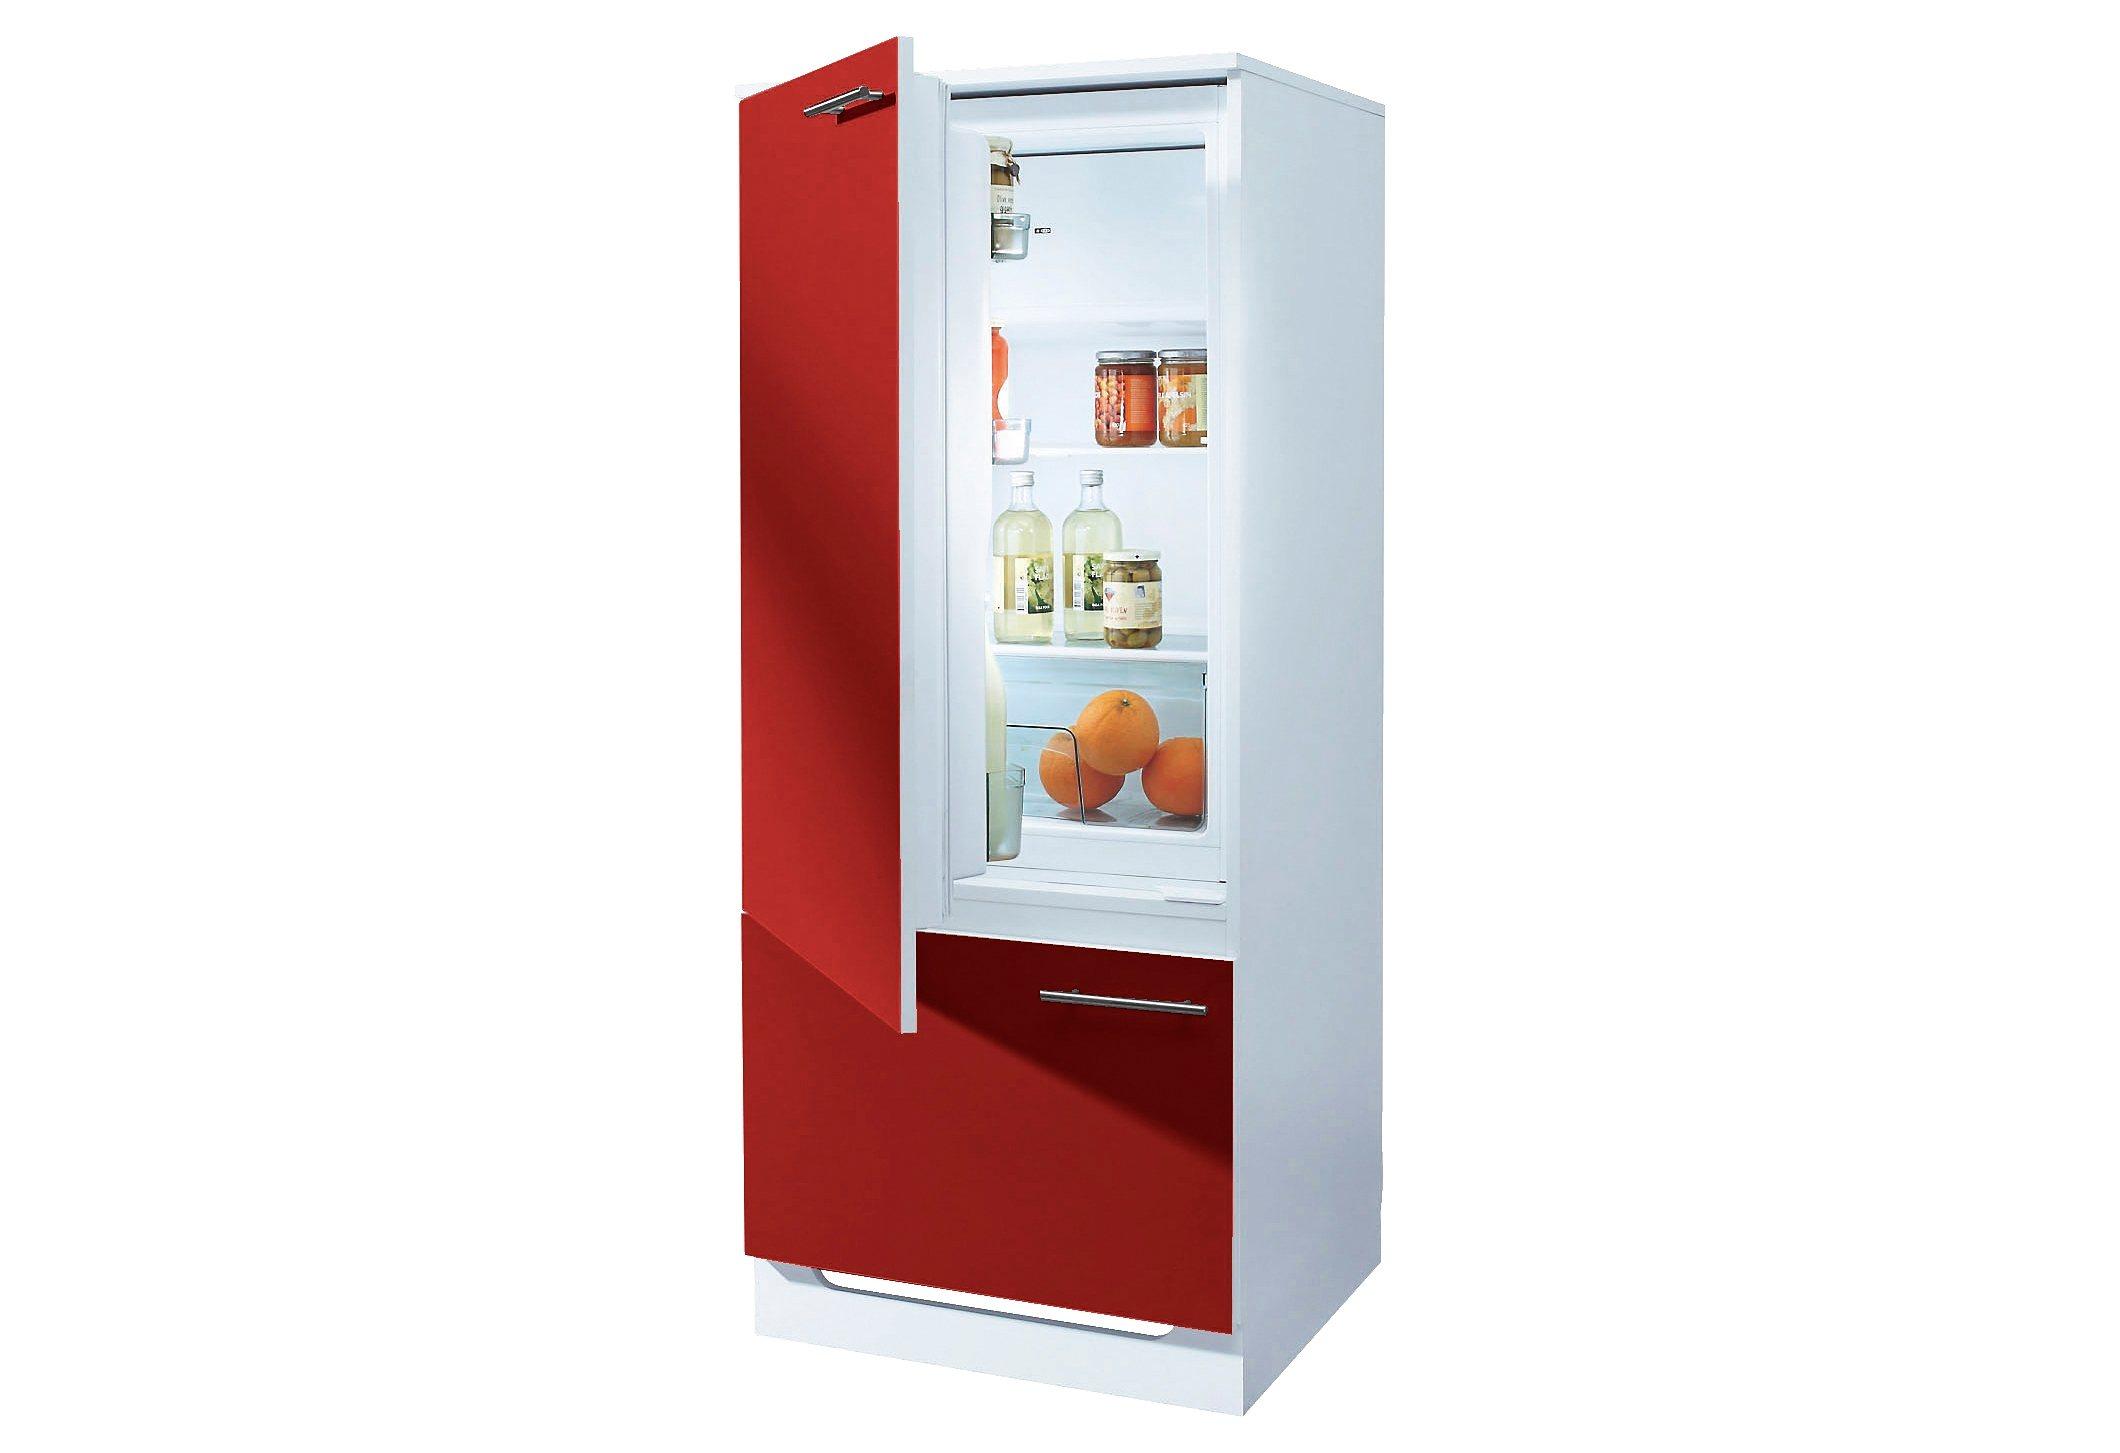 Gorenje Kühlschrank Lichtschalter : Kühlschränke online kaufen möbel suchmaschine ladendirekt.de